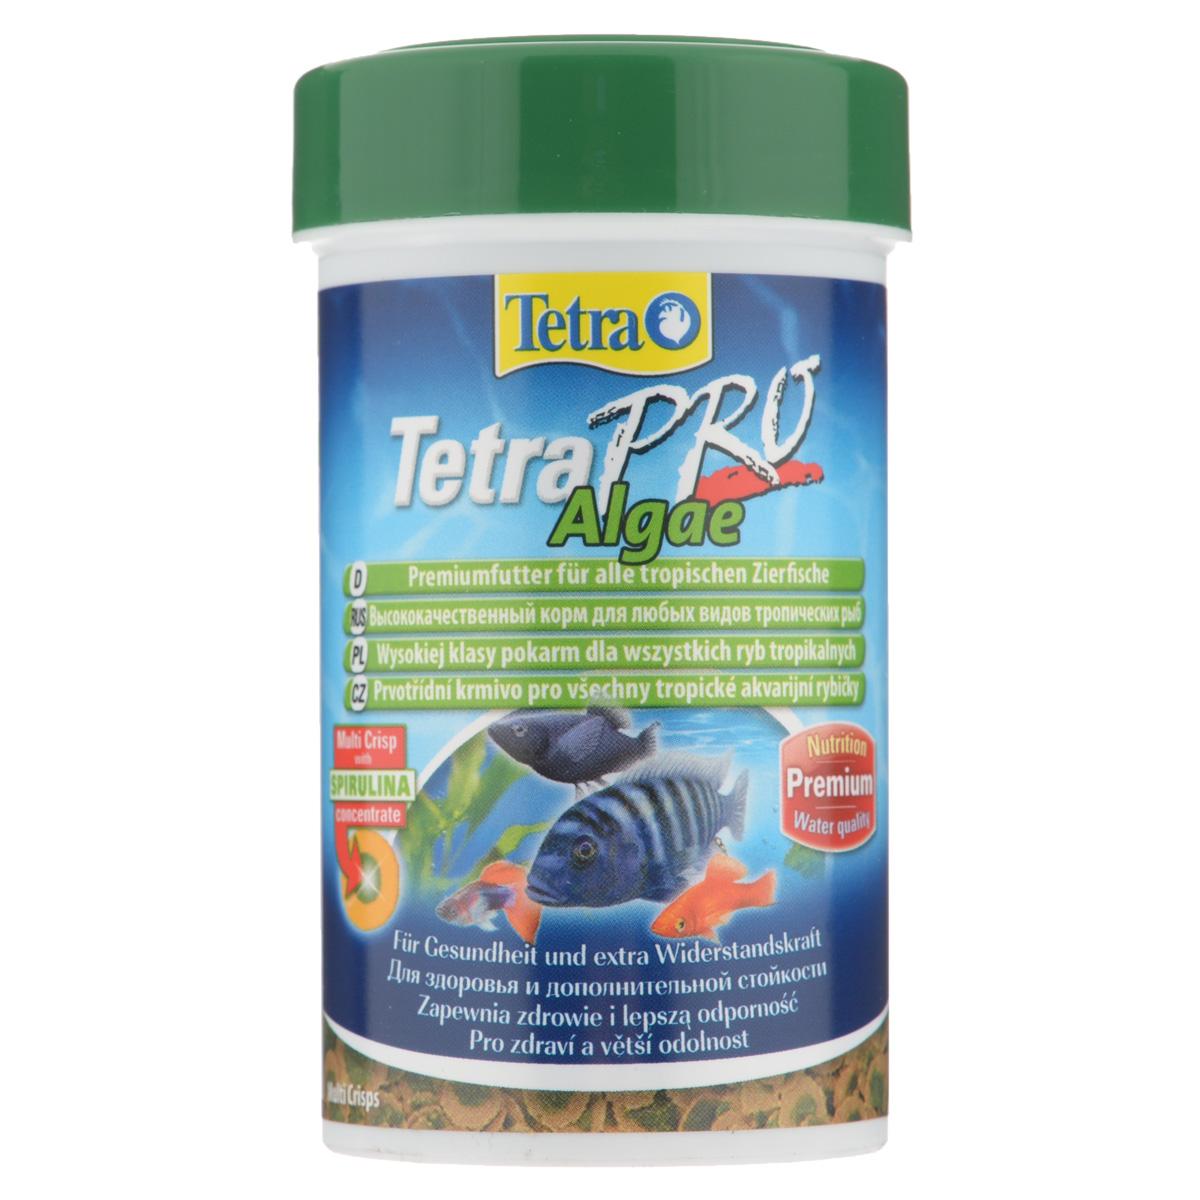 Корм сухой Tetra TetraPro. Algae для всех видов тропических рыб, чипсы, 100 мл (18 г)138988Полноценный высококачественный корм Tetra TetraPro. Algae для всех видов тропических рыб разработан для поддержания здоровья и придания дополнительной стойкости. Особенности Tetra TetraPro. Algae: - щадящая низкотемпературная технология изготовления для высокой питательной ценности и стабильности витаминов; - концентрат спирулина для повышения сопротивляемости организма; - инновационная форма чипсов для минимального загрязнения воды; - идеально подходит для растительноядных рыб; - легкое кормление. Рекомендации по кормлению: кормить несколько раз в день маленькими порциями. Состав: рыба и побочные рыбные продукты, зерновые культуры, экстракты растительного белка, дрожжи, моллюски и раки, масла и жиры, водоросли (спирулина 1%). Аналитические компоненты: сырой белок - 46%, сырые масла и жиры - 12%, сырая клетчатка - 3%, влага - 9%. Добавки: витамины, провитамины и химические вещества с аналогичным воздействием,...